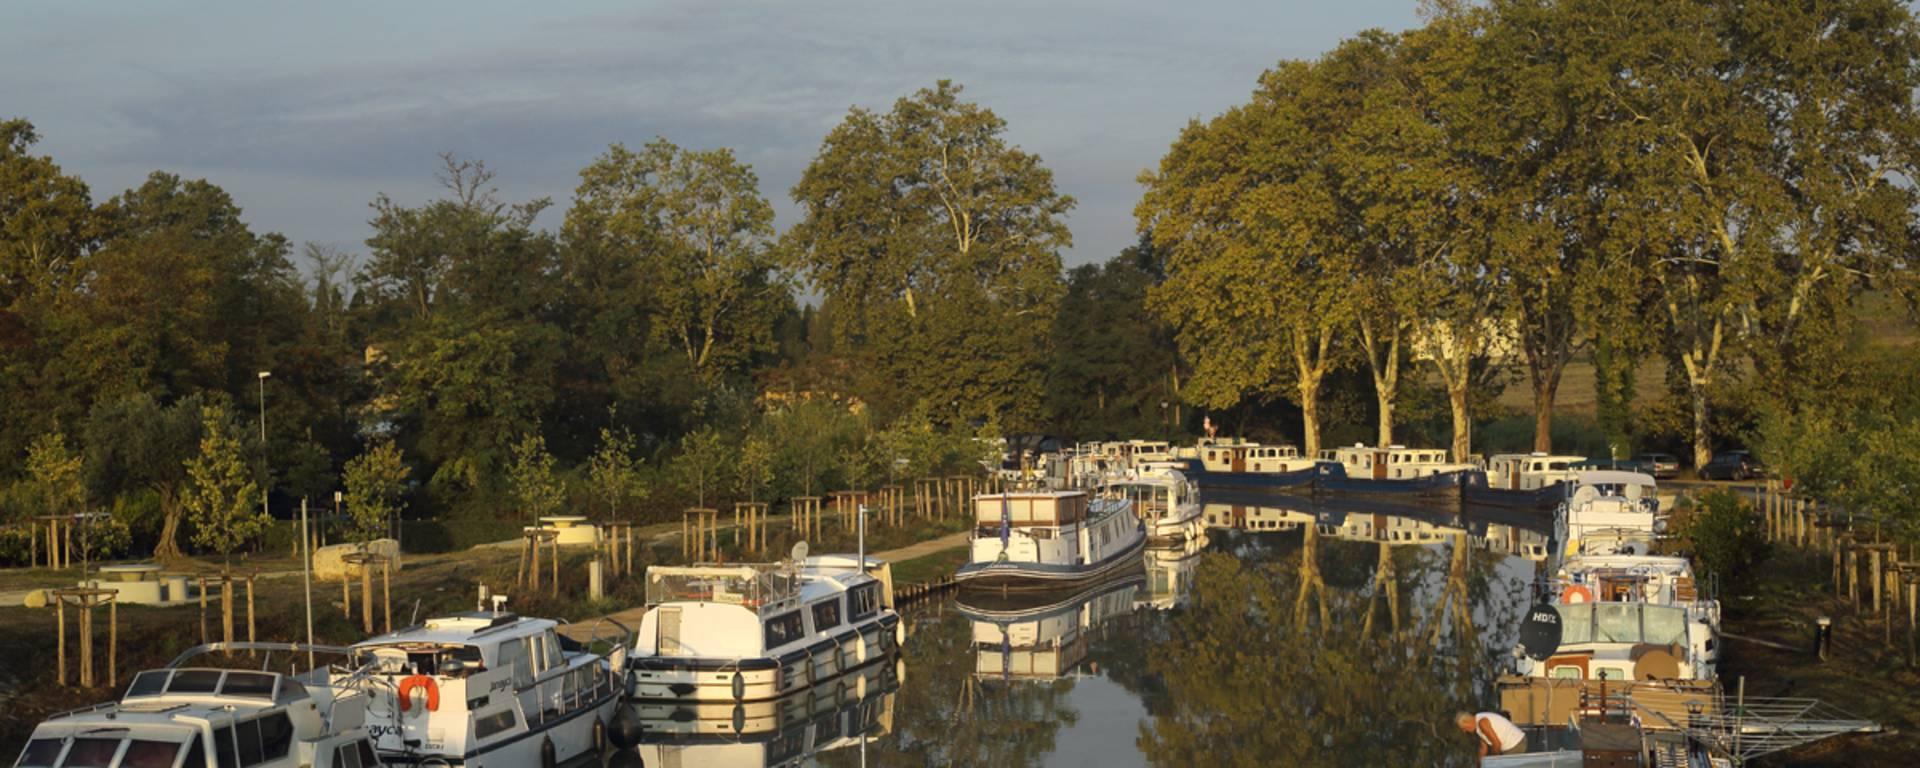 Plaisance sur le Canal ©G. Souche